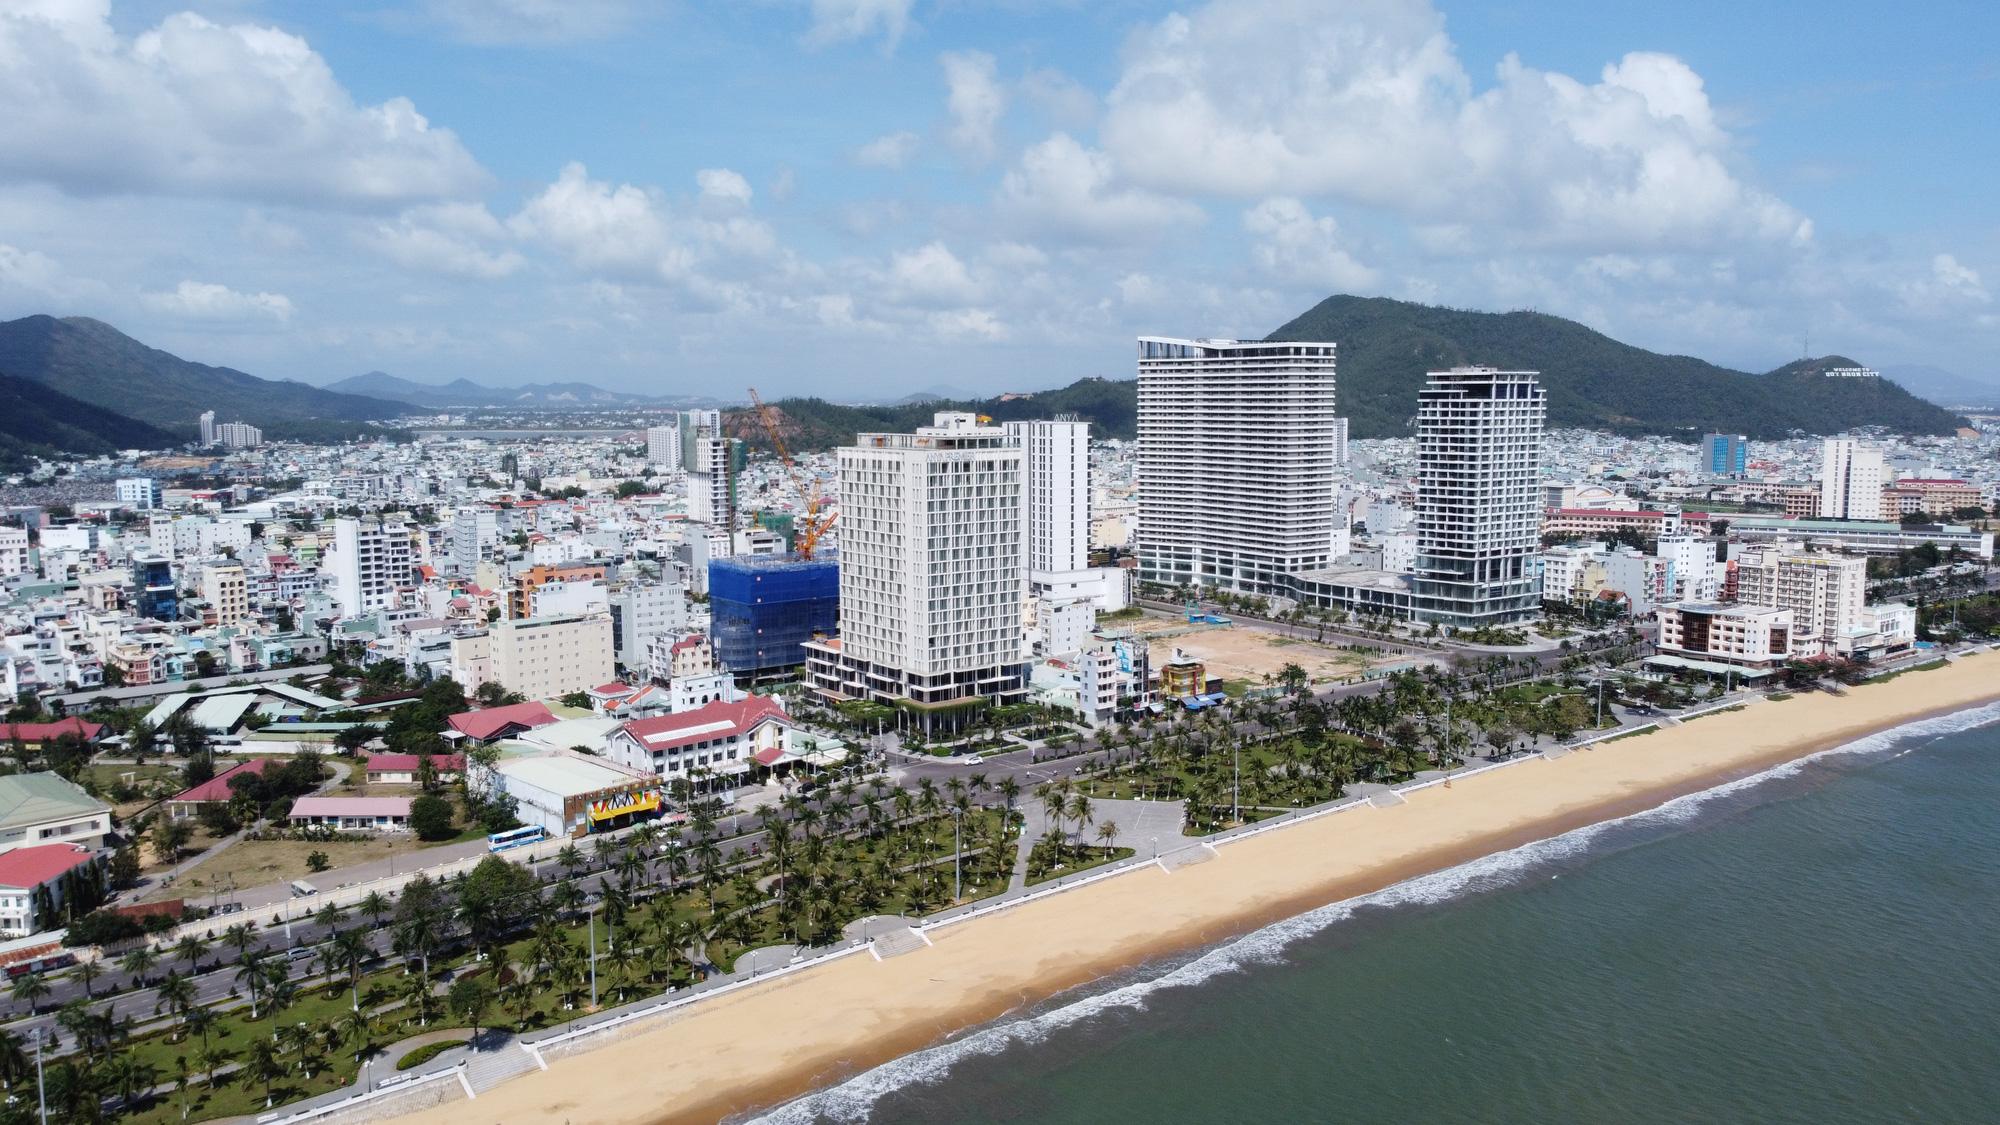 Liên danh do Hano-Vid đại diện được đầu tư dự án khu đô thị hơn 1.450 tỷ tại Bình Định - Ảnh 1.